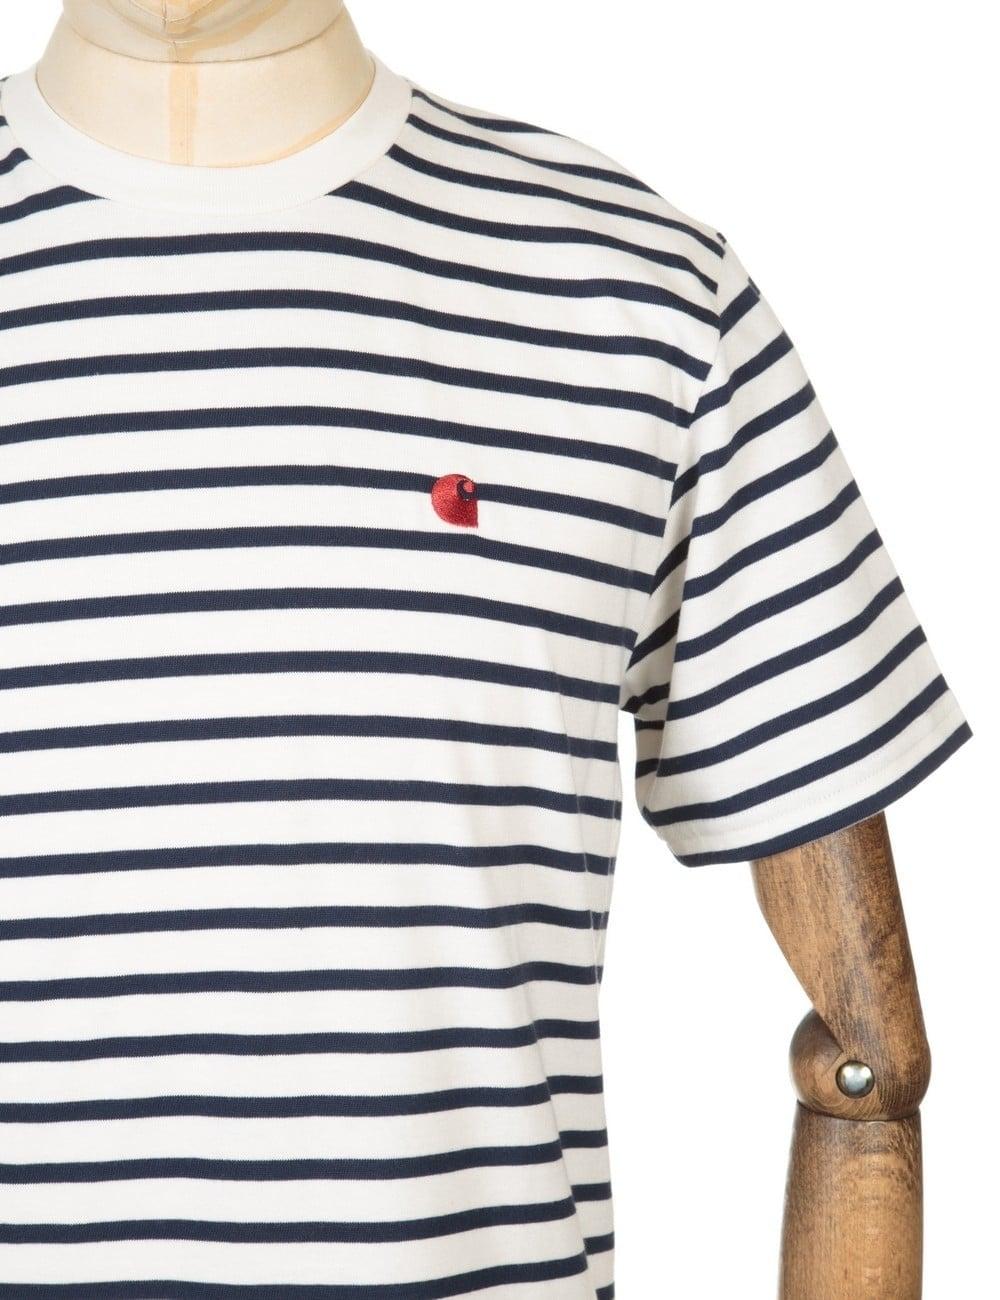 nowe tanie pierwsza stawka buty na tanie Robie Stripe T-shirt - Snow/Navy